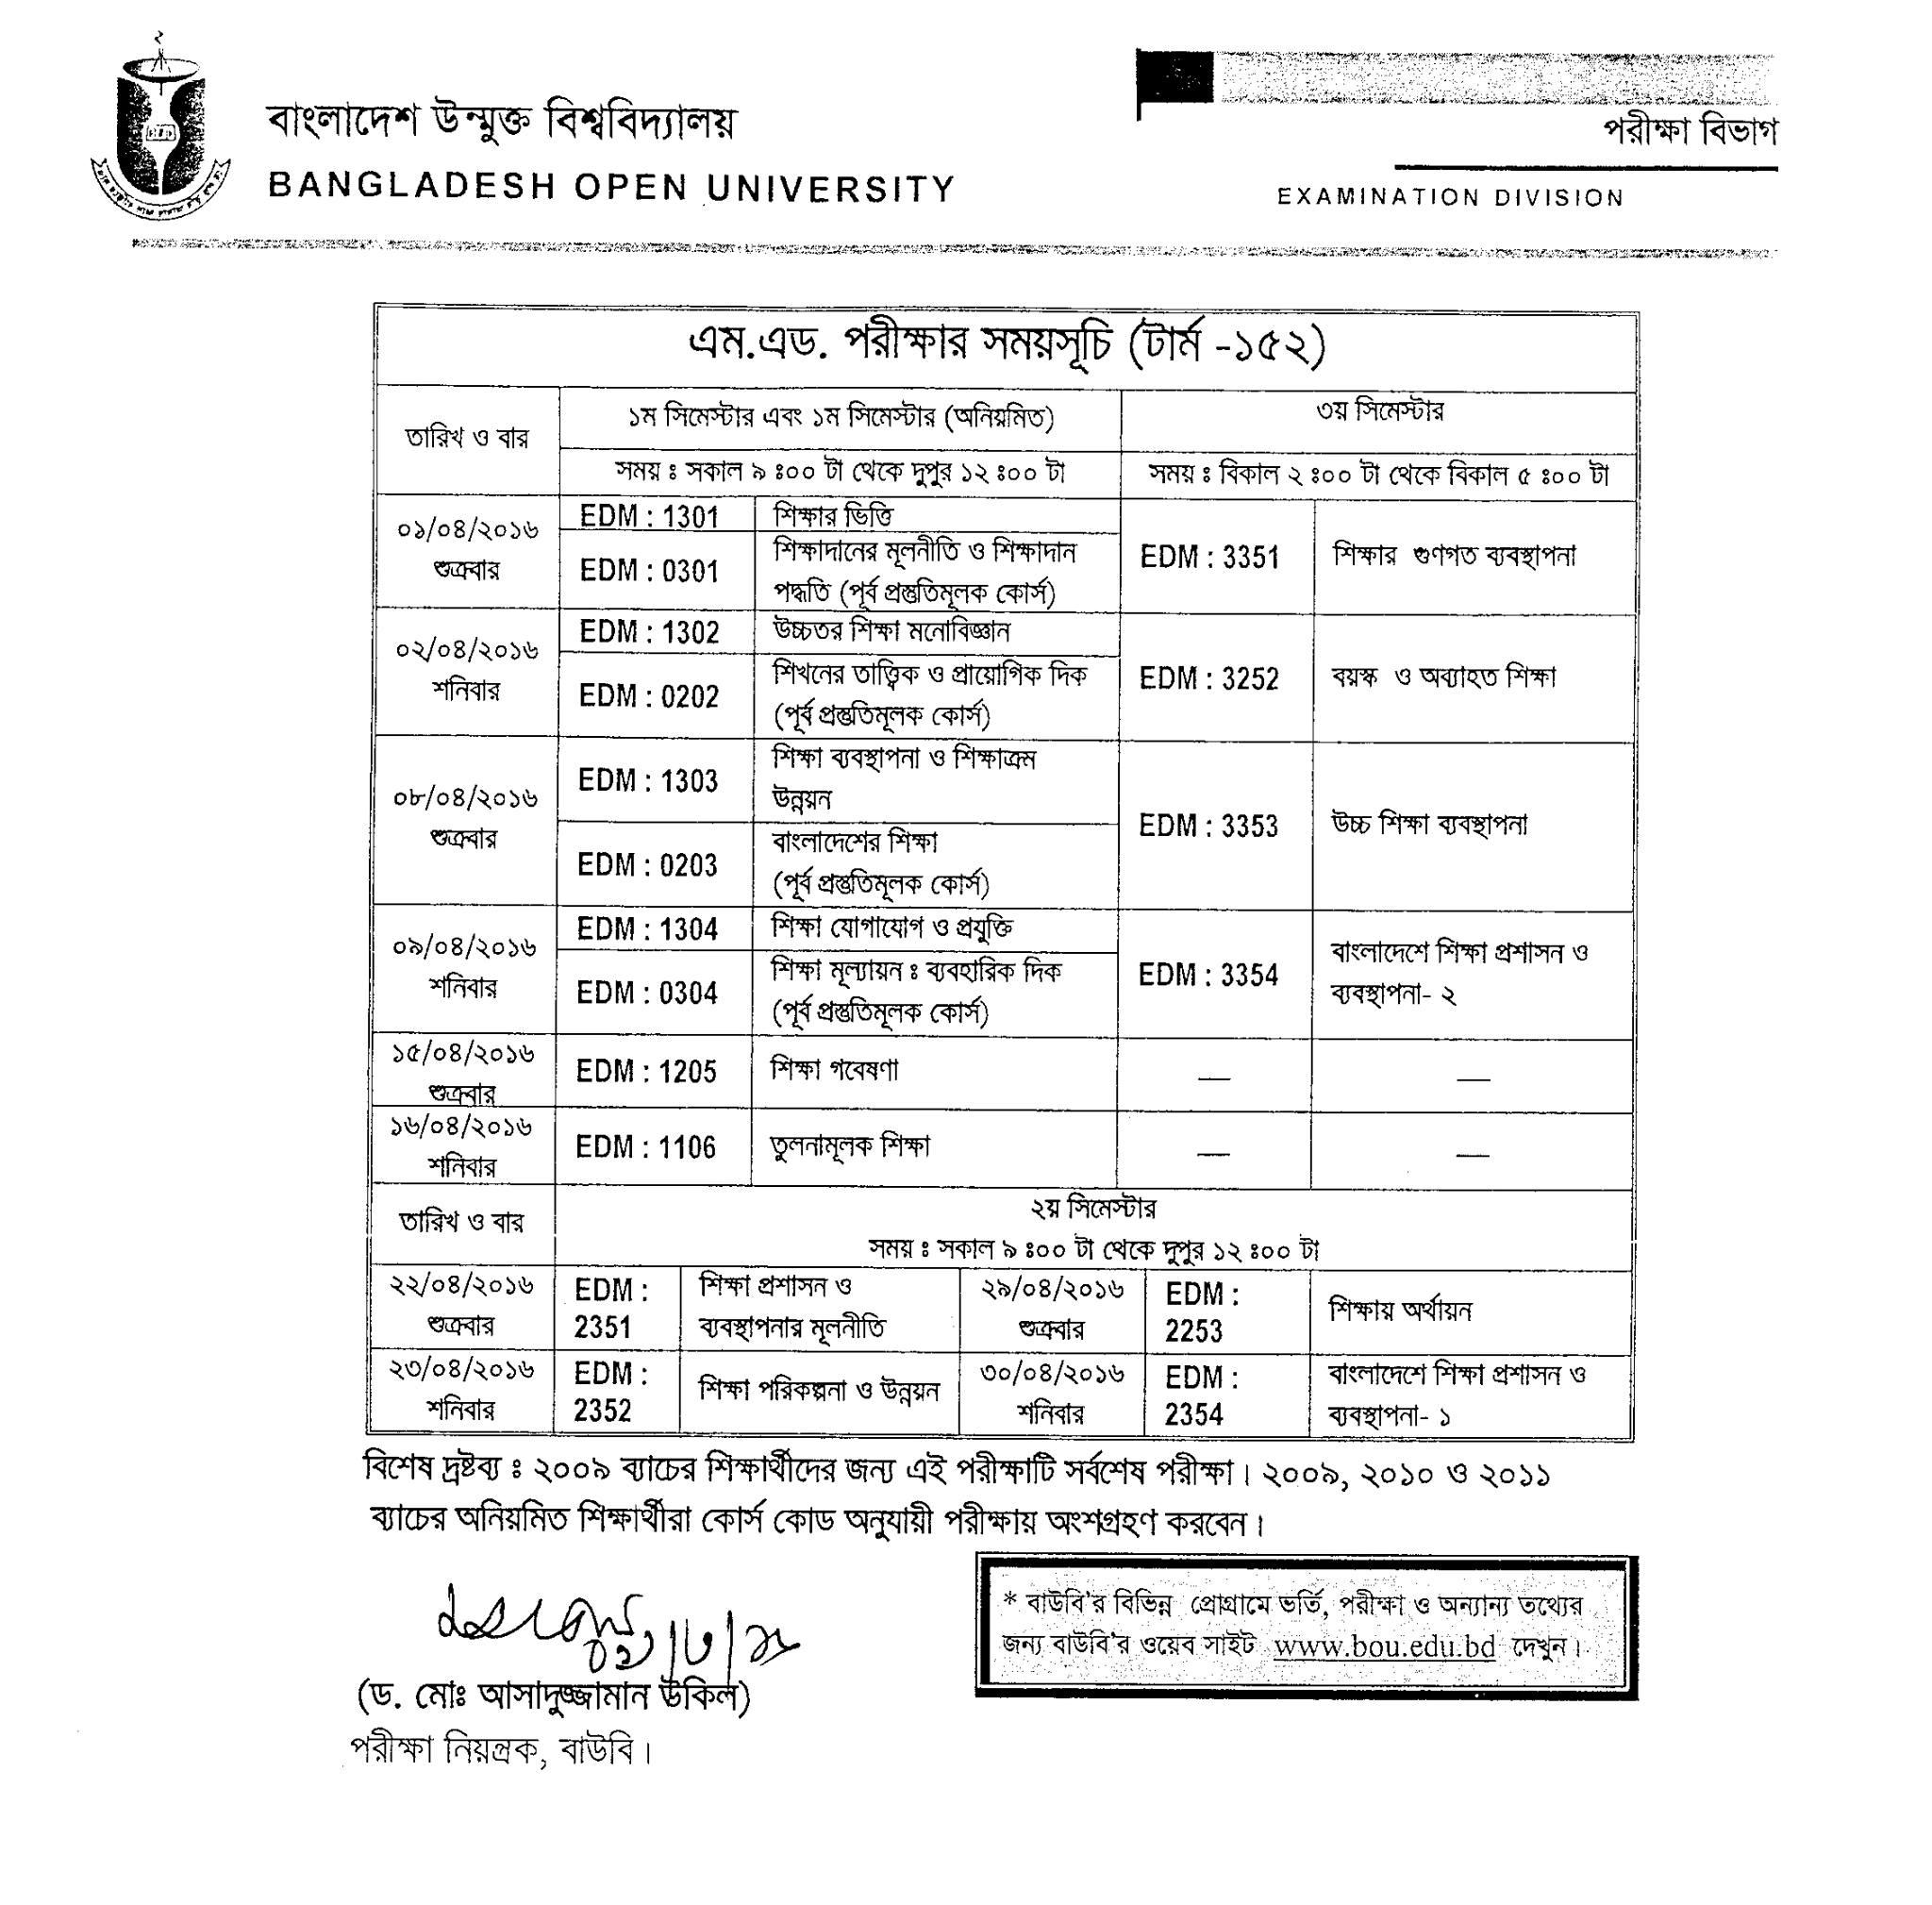 BOU M.Ed Exam Routine 2020 | BOU Master Of Education Exam Routine-2020 1